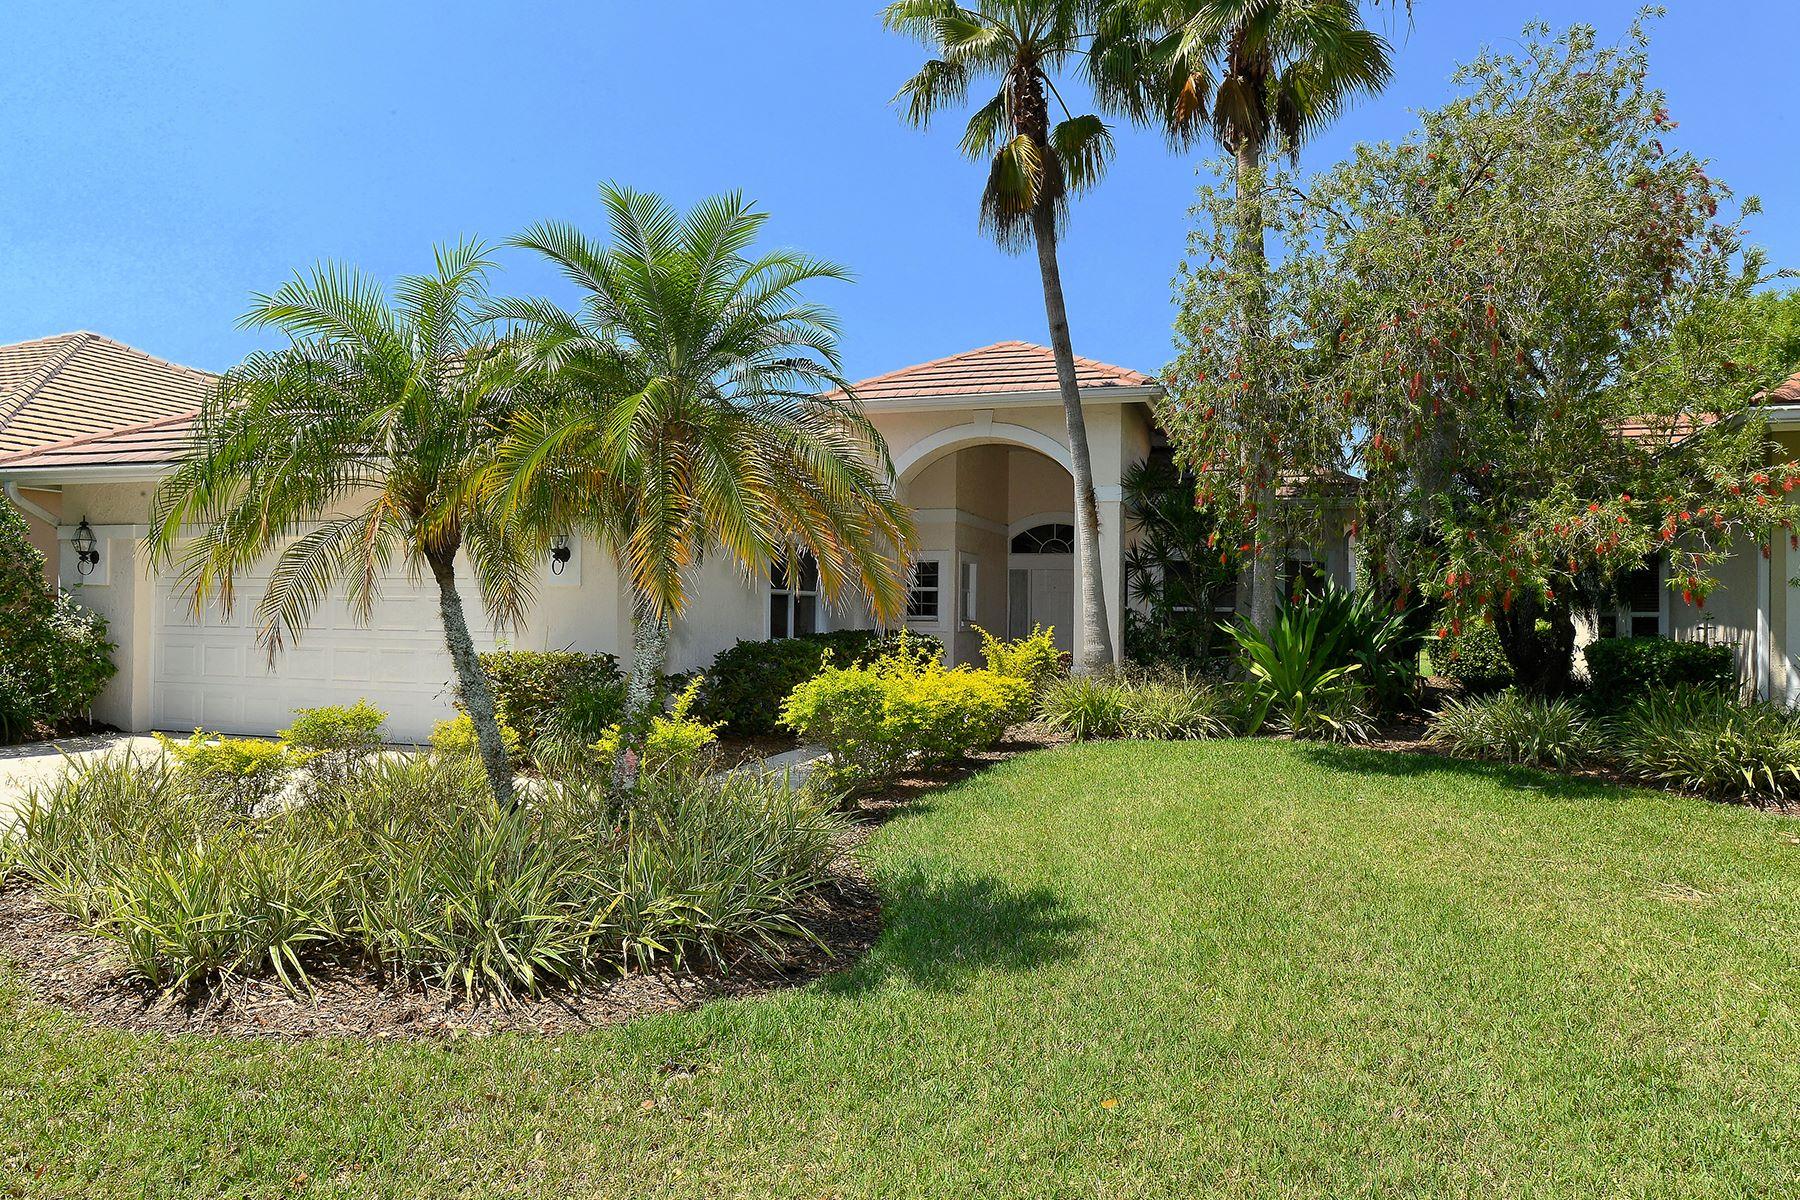 Casa para uma família para Venda às LAUREL OAK ESTATES 7876 Chick Evans Pl Sarasota, Florida, 34240 Estados Unidos